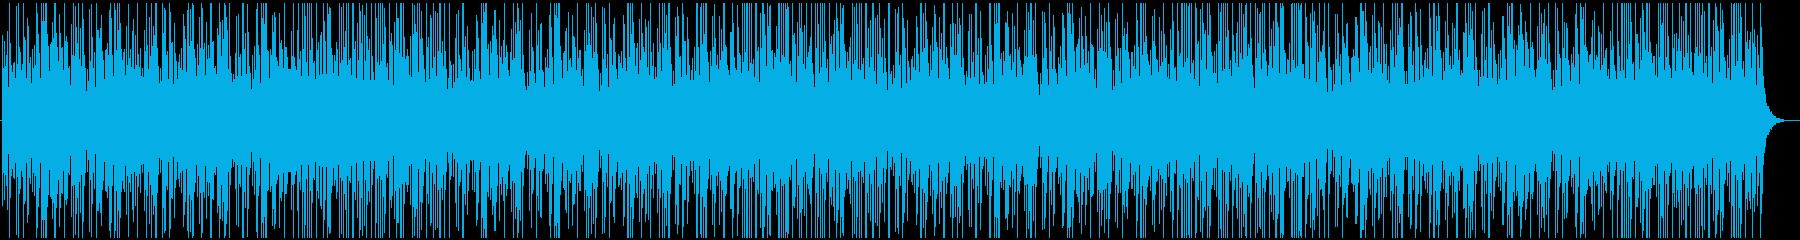 商品紹介・PR 動画などに 和風BGMの再生済みの波形